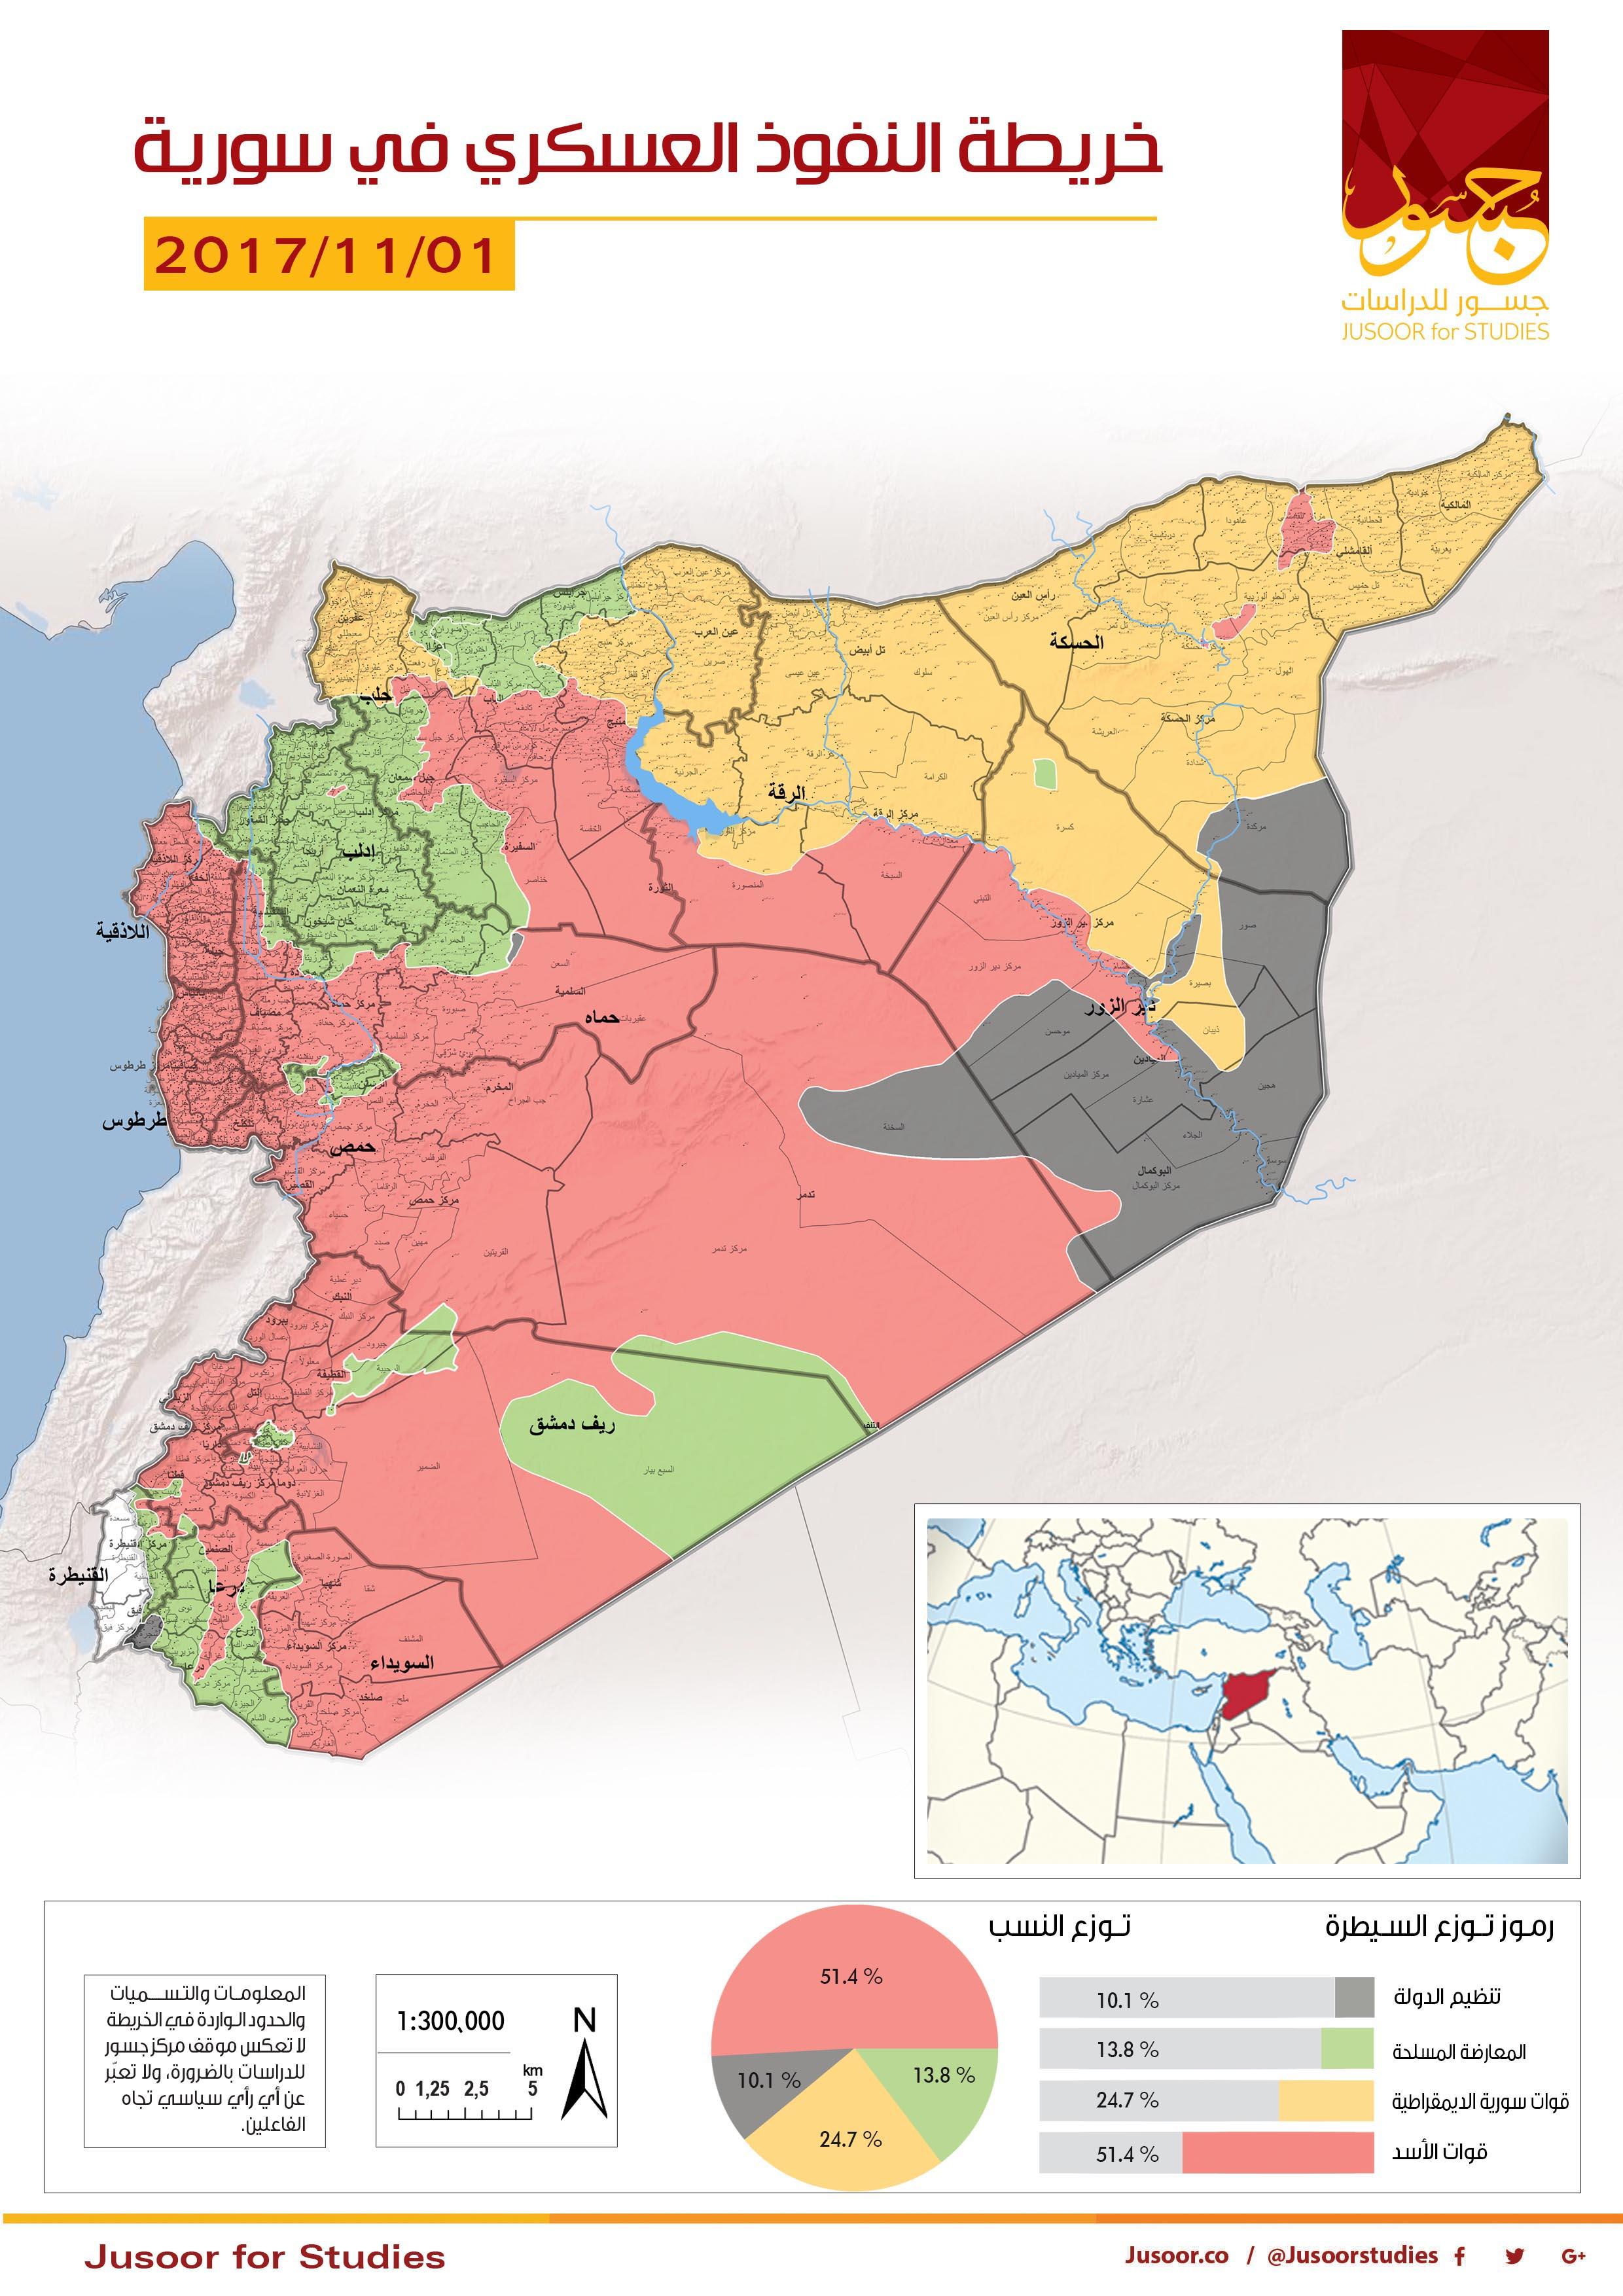 خريطة توزع السيطرة القوى في سوريا - جسور للدراسات